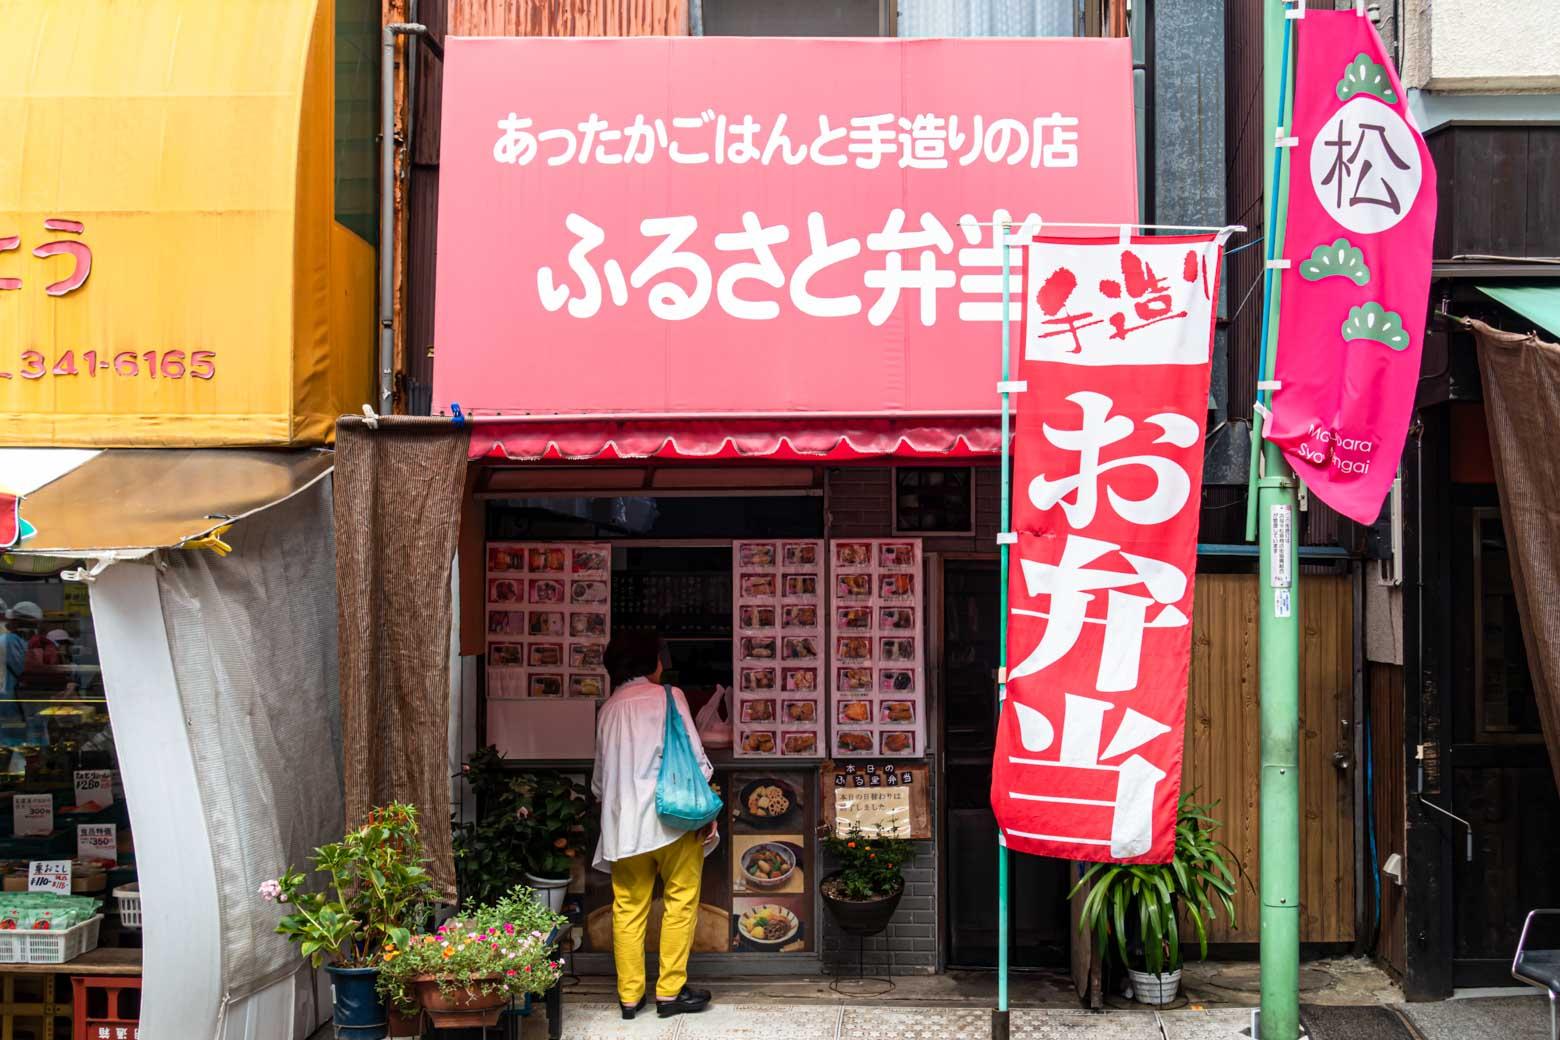 このお弁当屋もいいですね~。家や職場の近所にほしいタイプのお店です。